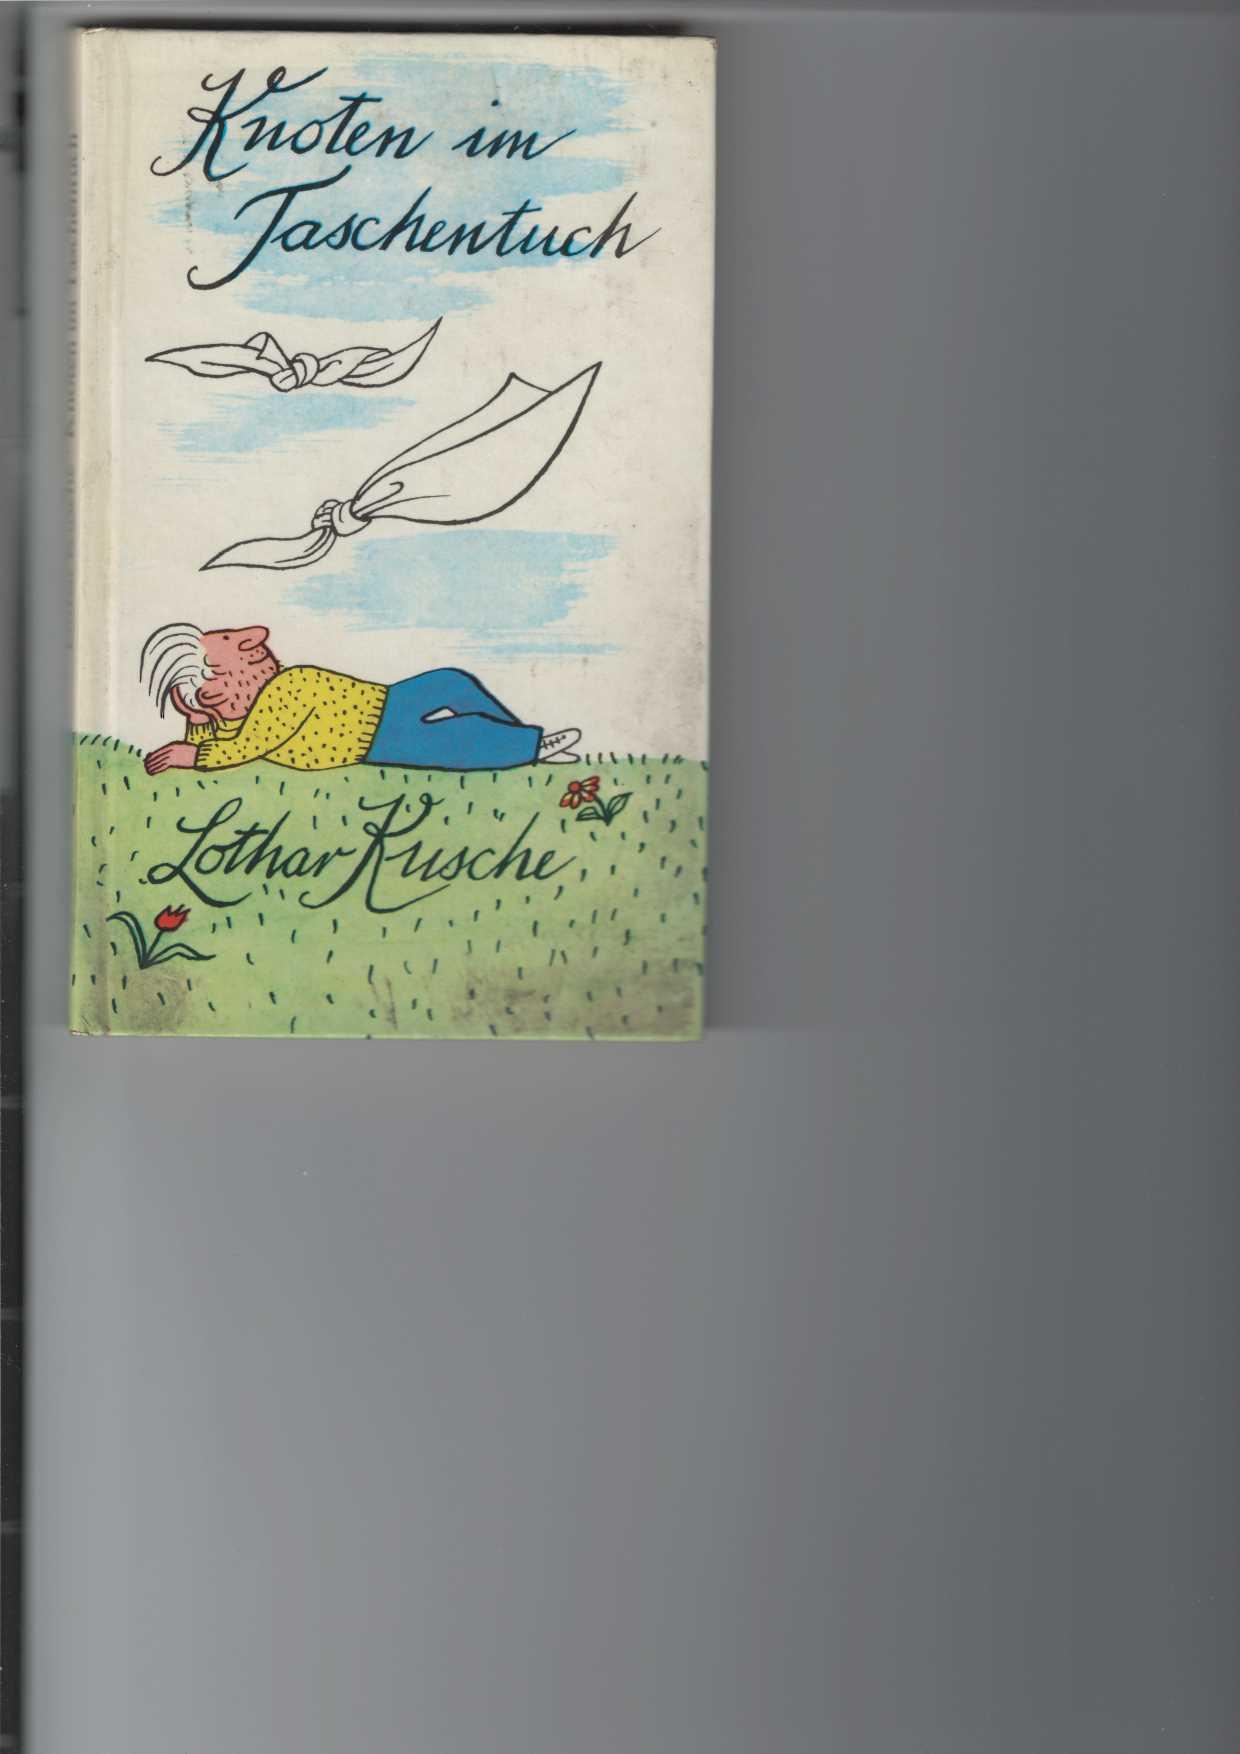 Knoten im Taschentuch. Anekdoten über Begegnungen mit Dichtern, Schauspielern, Karikaturisten und Journalisten. Illustrationen von Elizabeth Shaw. 2. Aufl.,